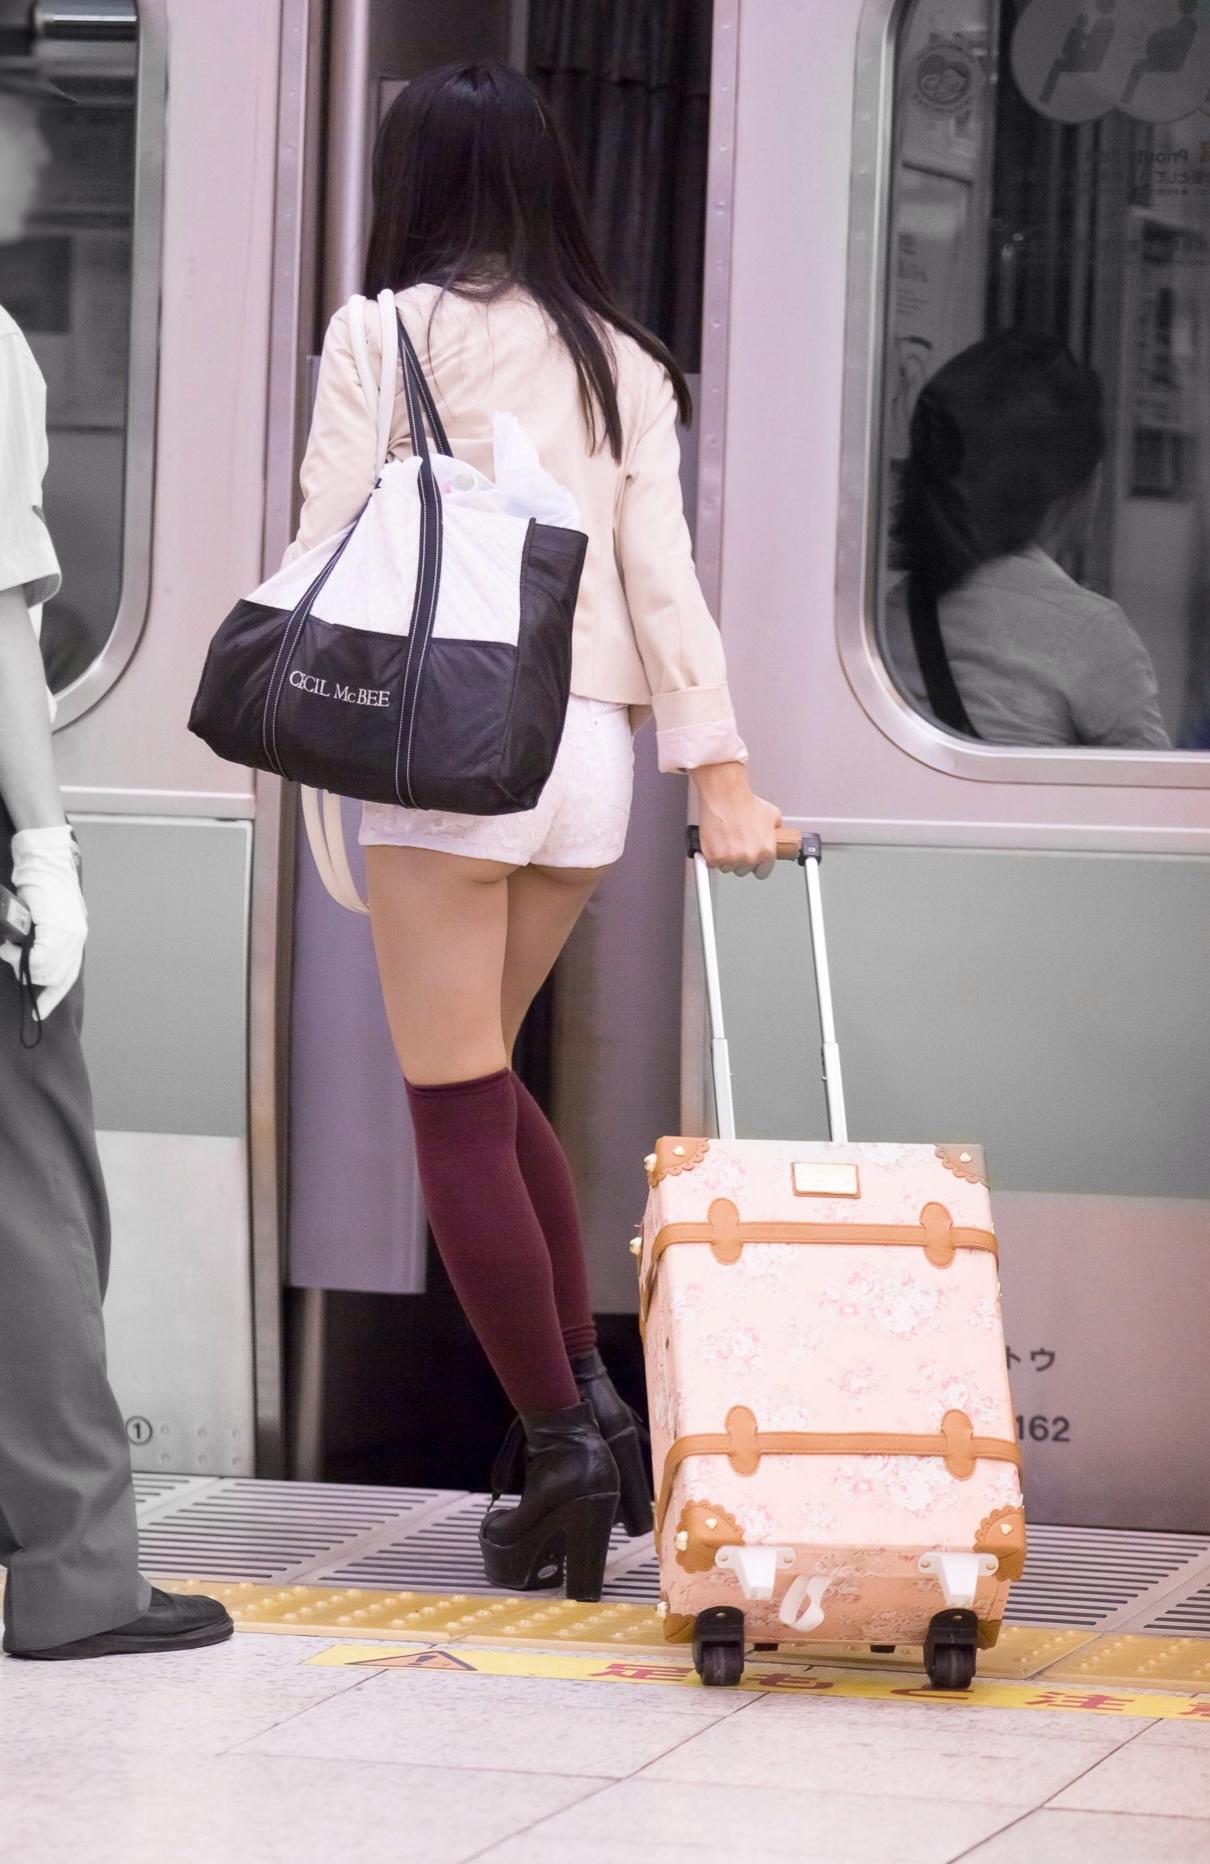 【尻チラエロ画像】裾から隠しきれない肉がwホットパンツ女子のワガママなハミ尻www 24